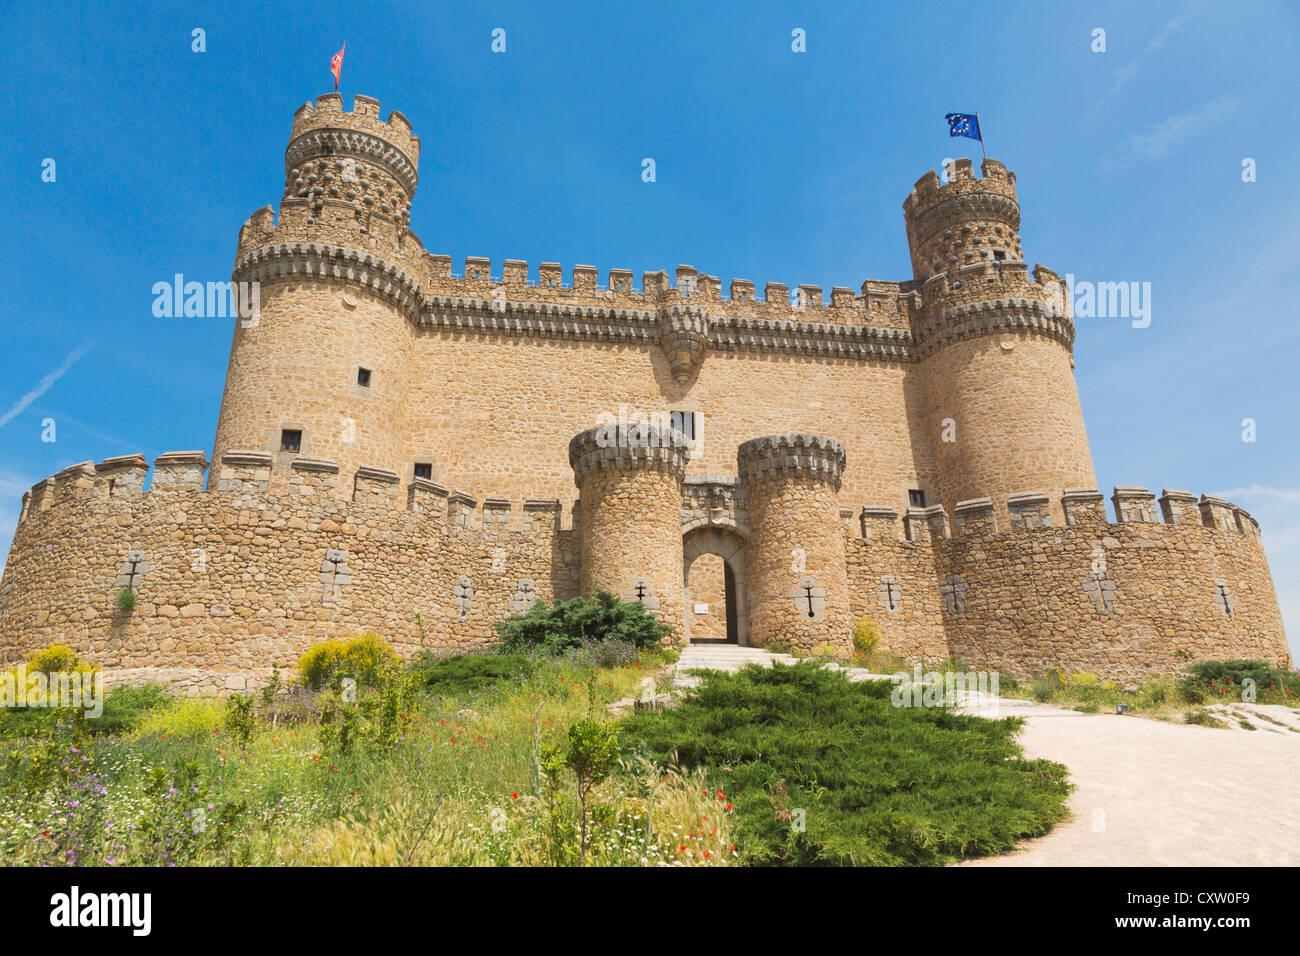 Manzanares el Real, Comunidad de Madrid, Spain. The 15th century Castle of the Mendoza. Stock Photo